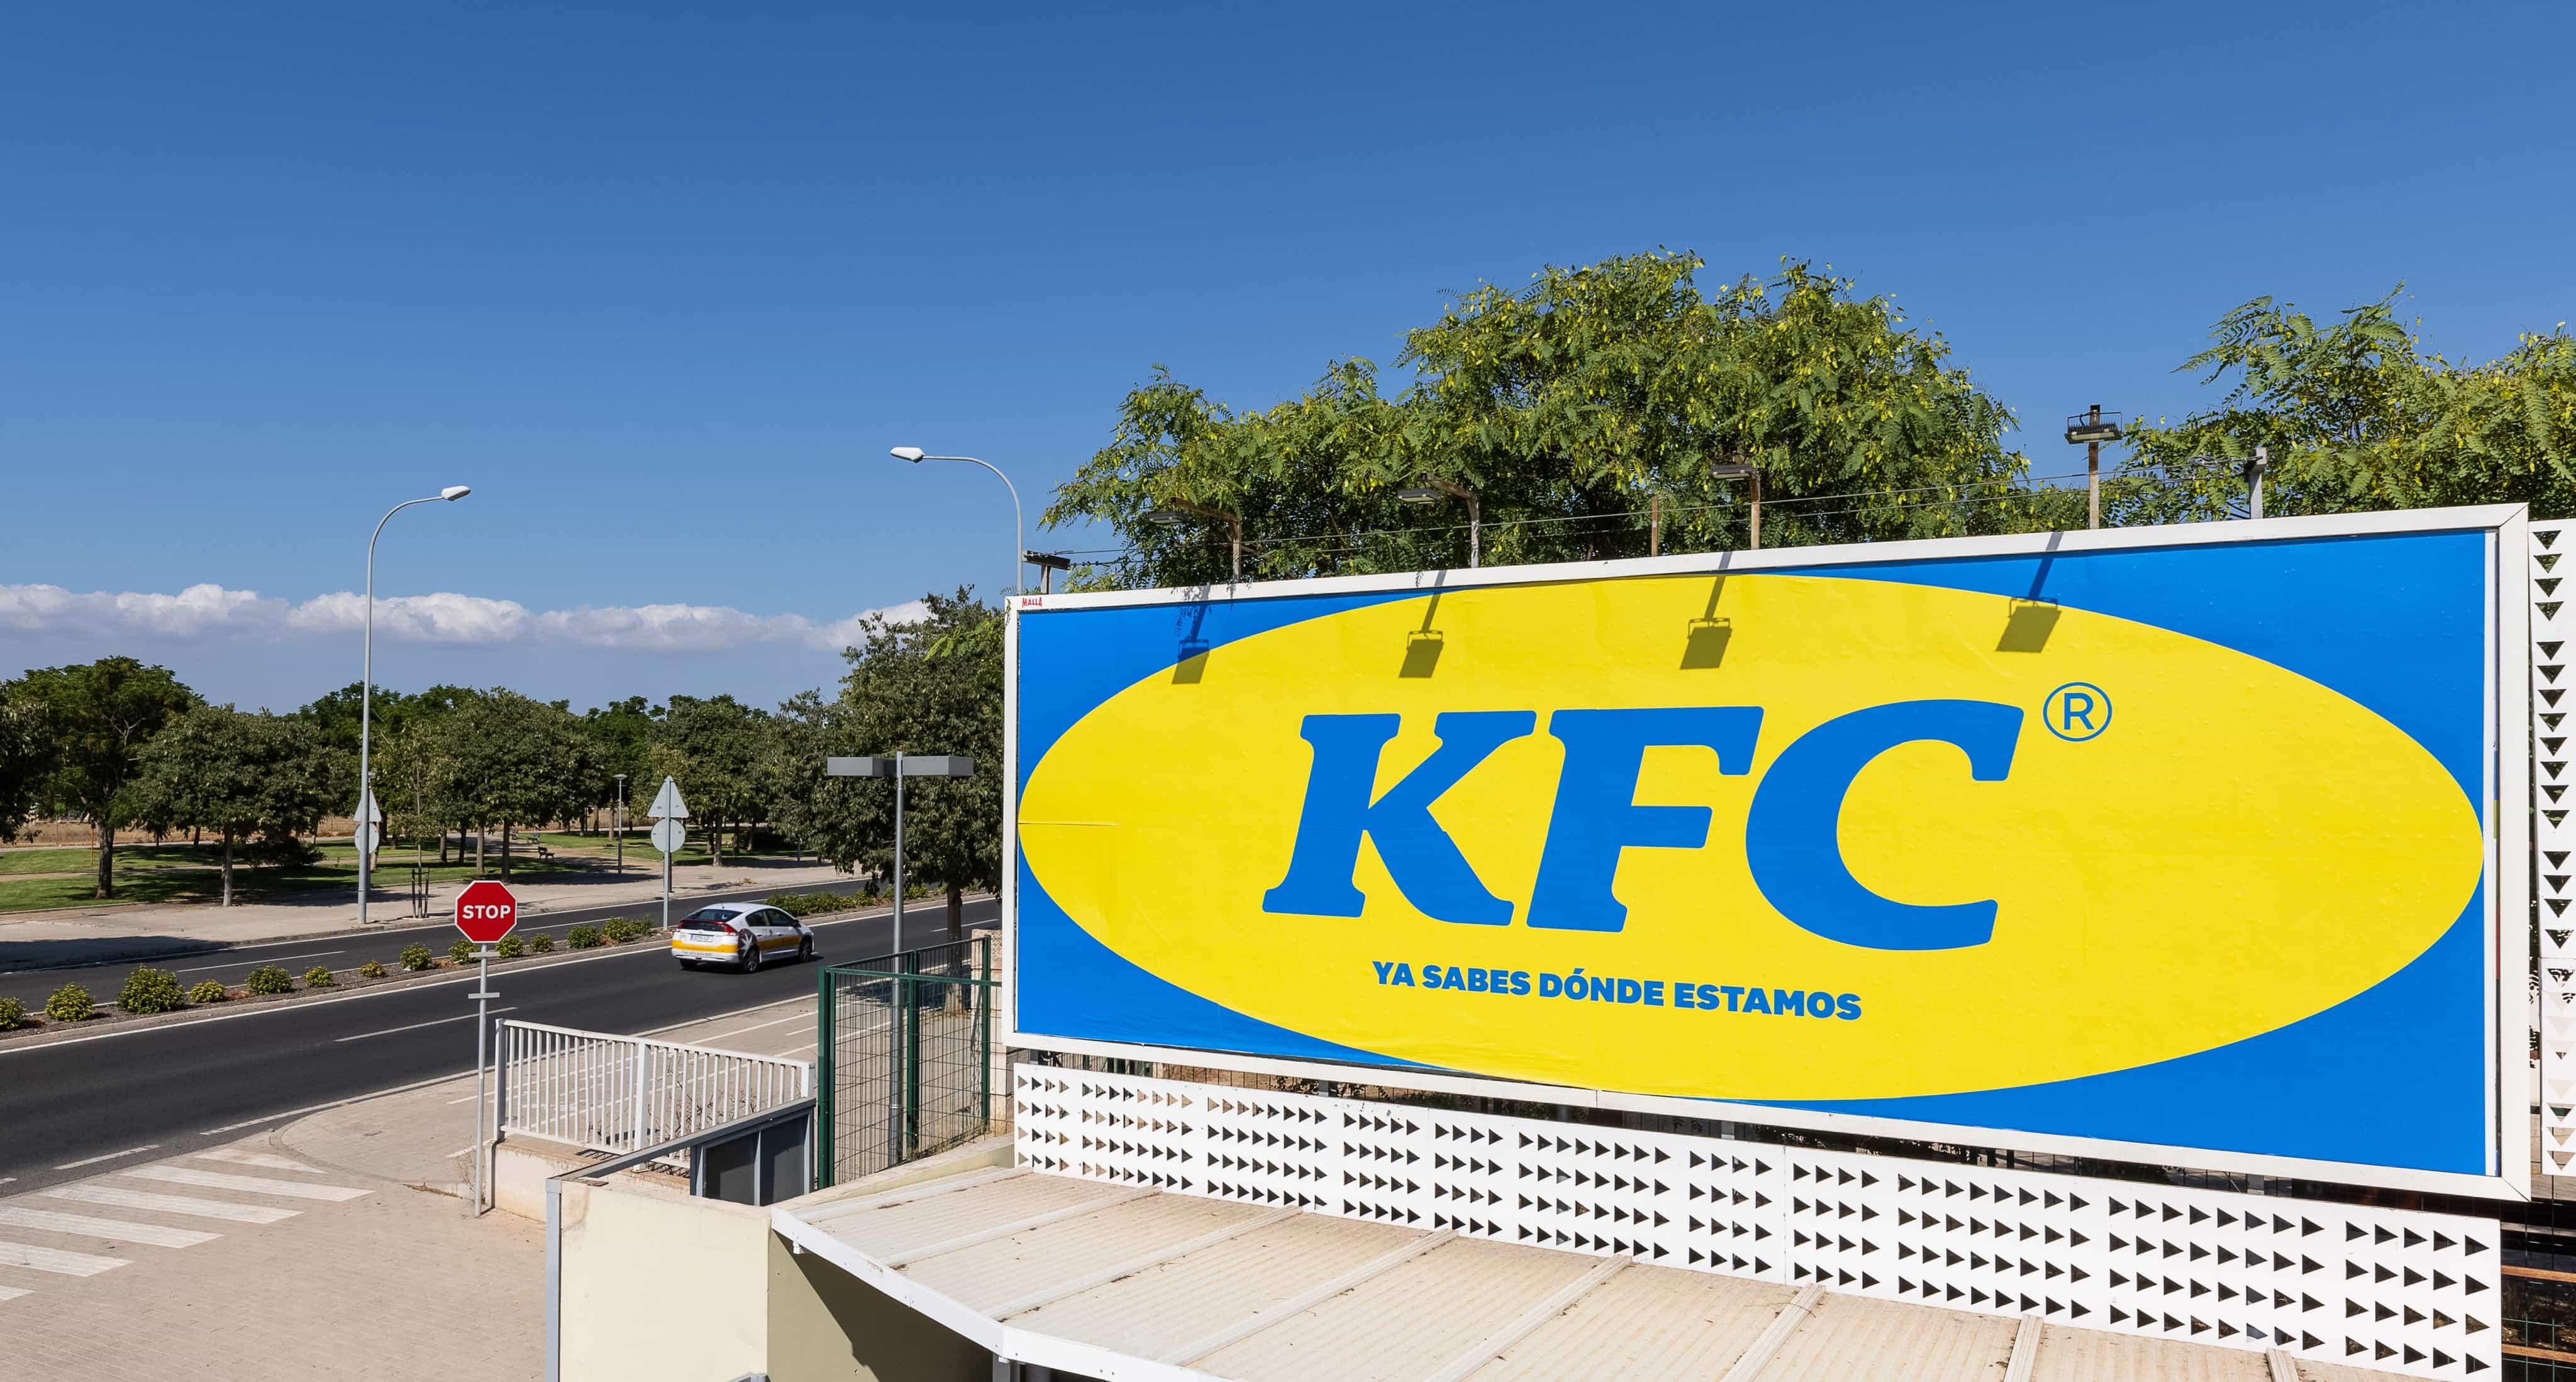 La última valla publicitaria de KFC es absolutamente descarada. Lo amamos